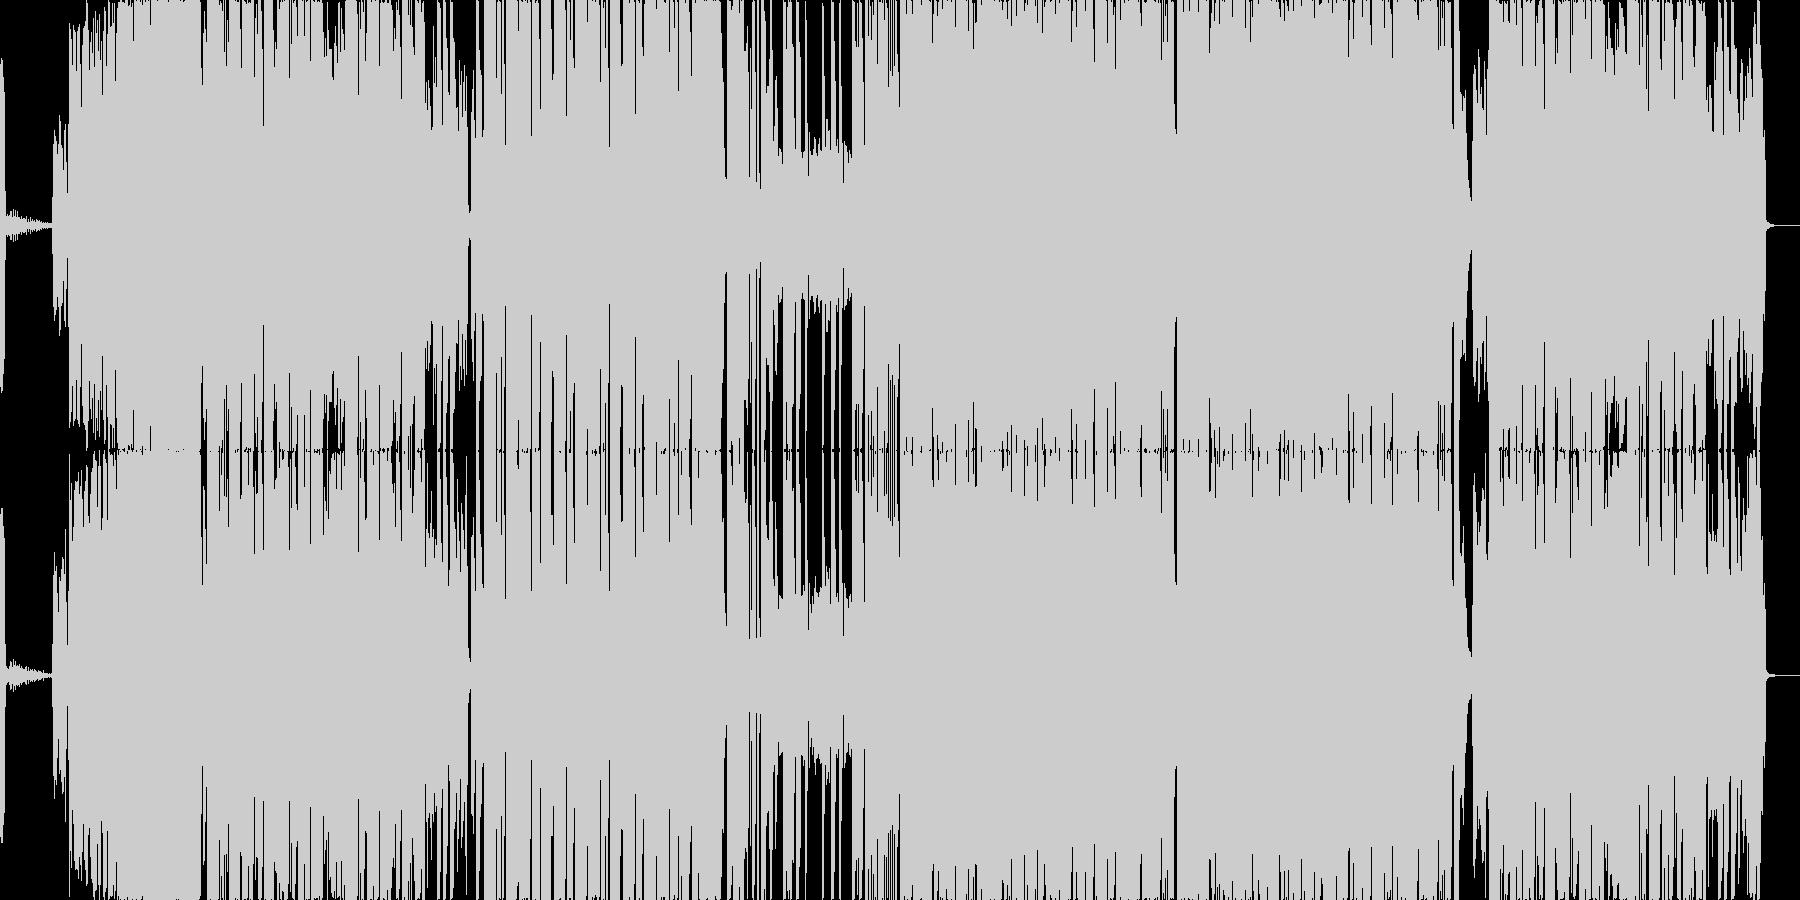 かっこいいポップスBGMの未再生の波形